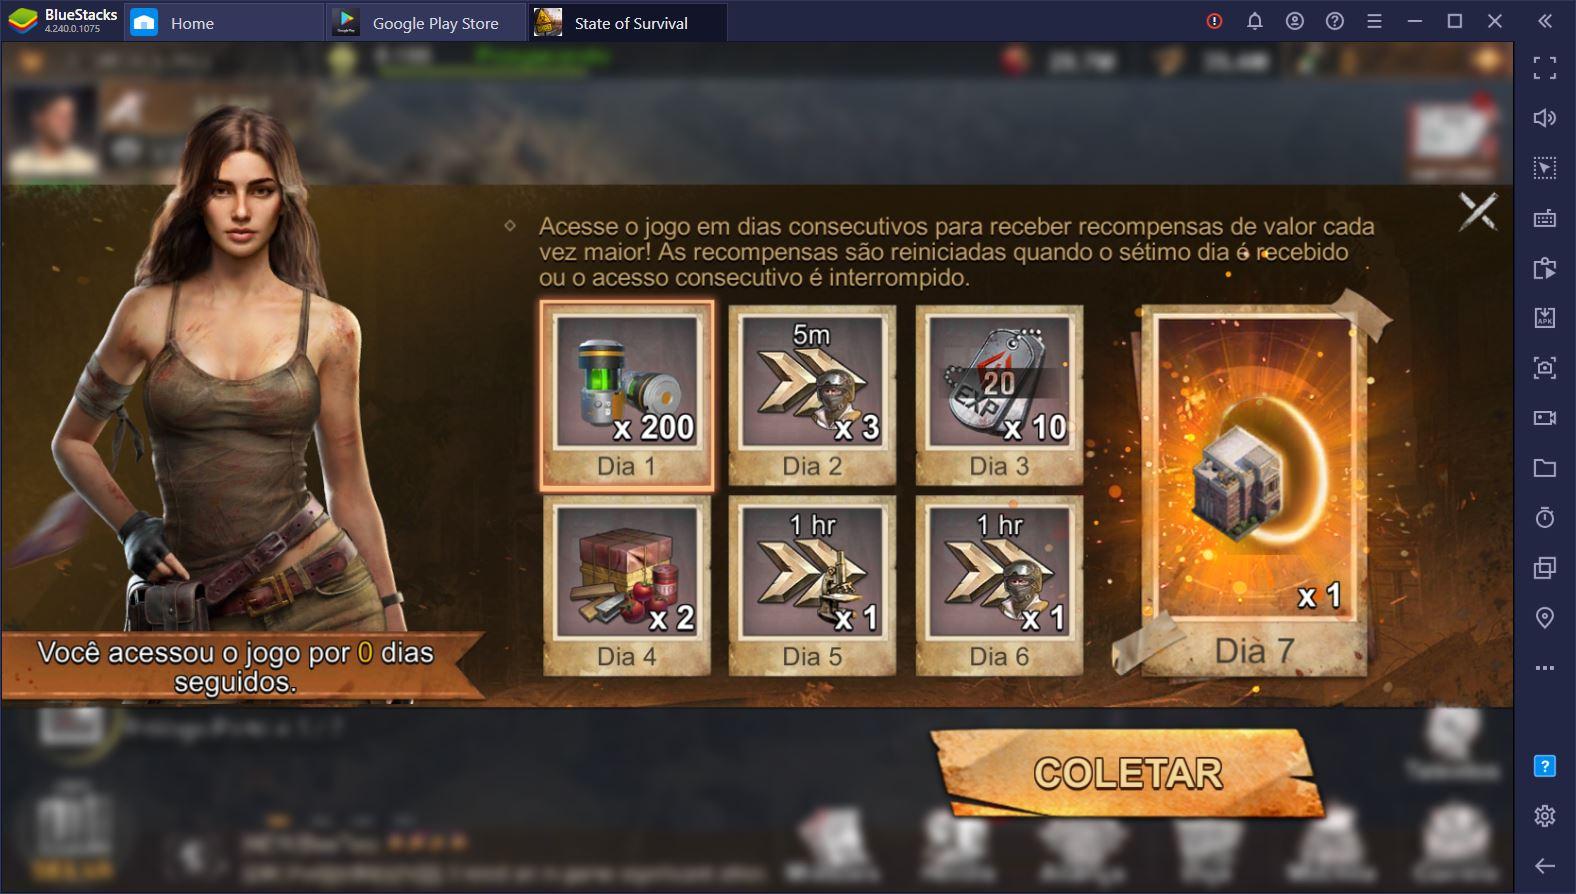 Como jogar State of Survival diretamente pelo seu PC usando o BlueStacks?